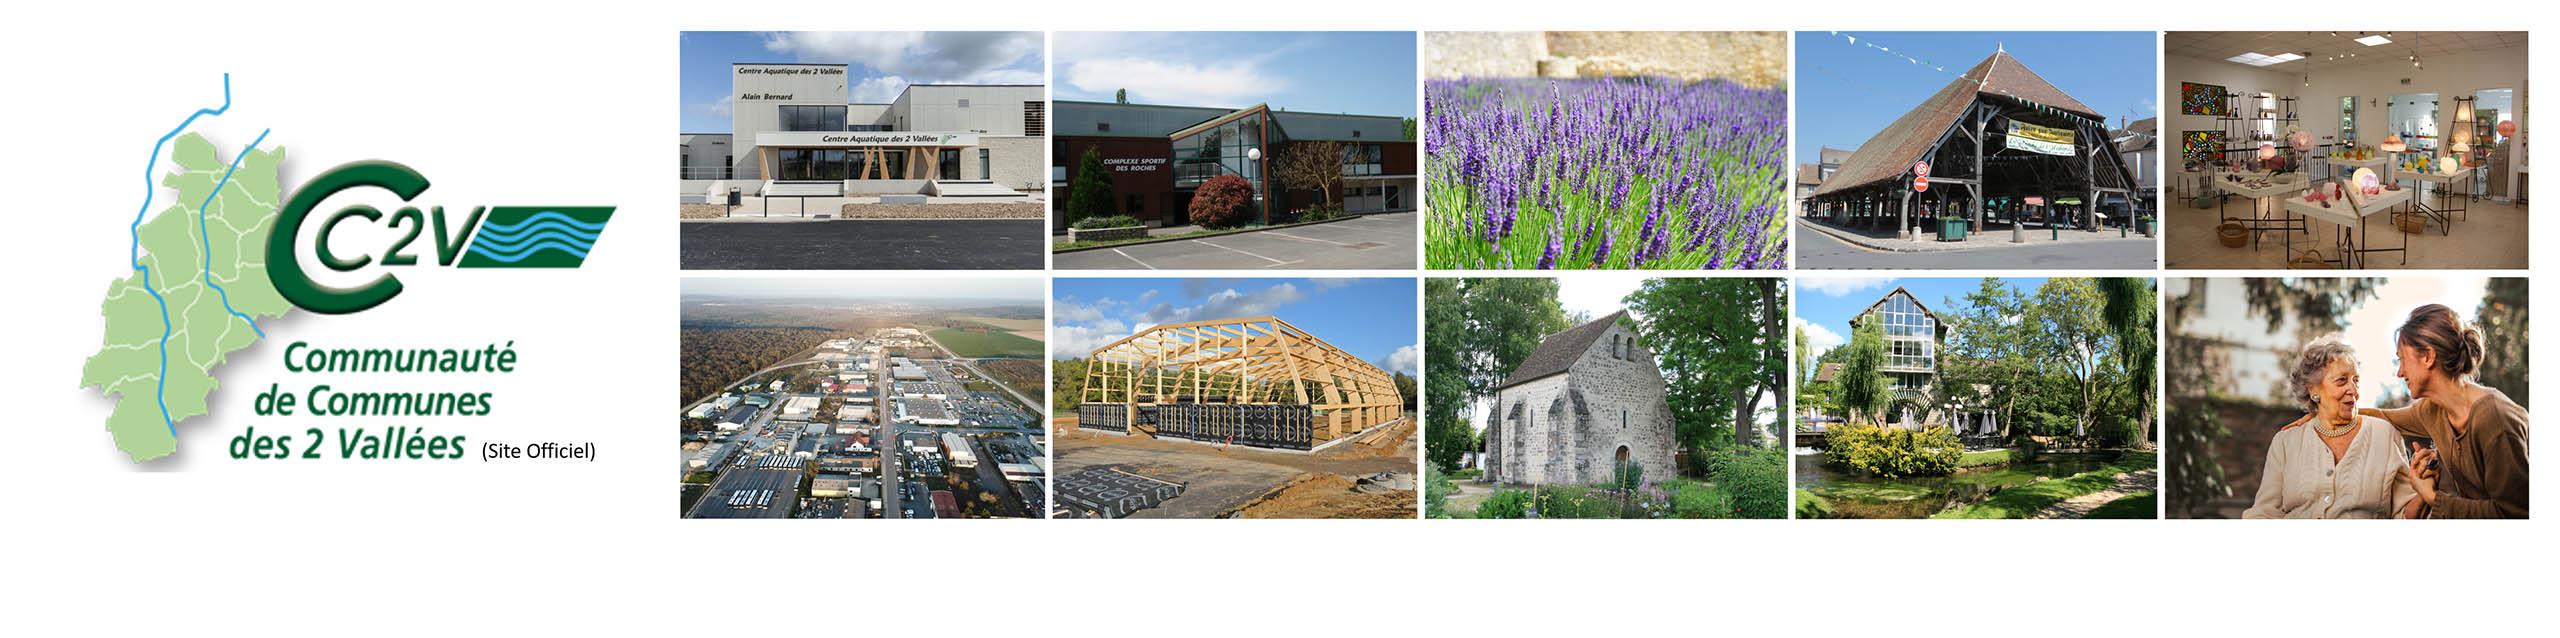 Communauté de Communes des 2 Vallées (CC2V91)